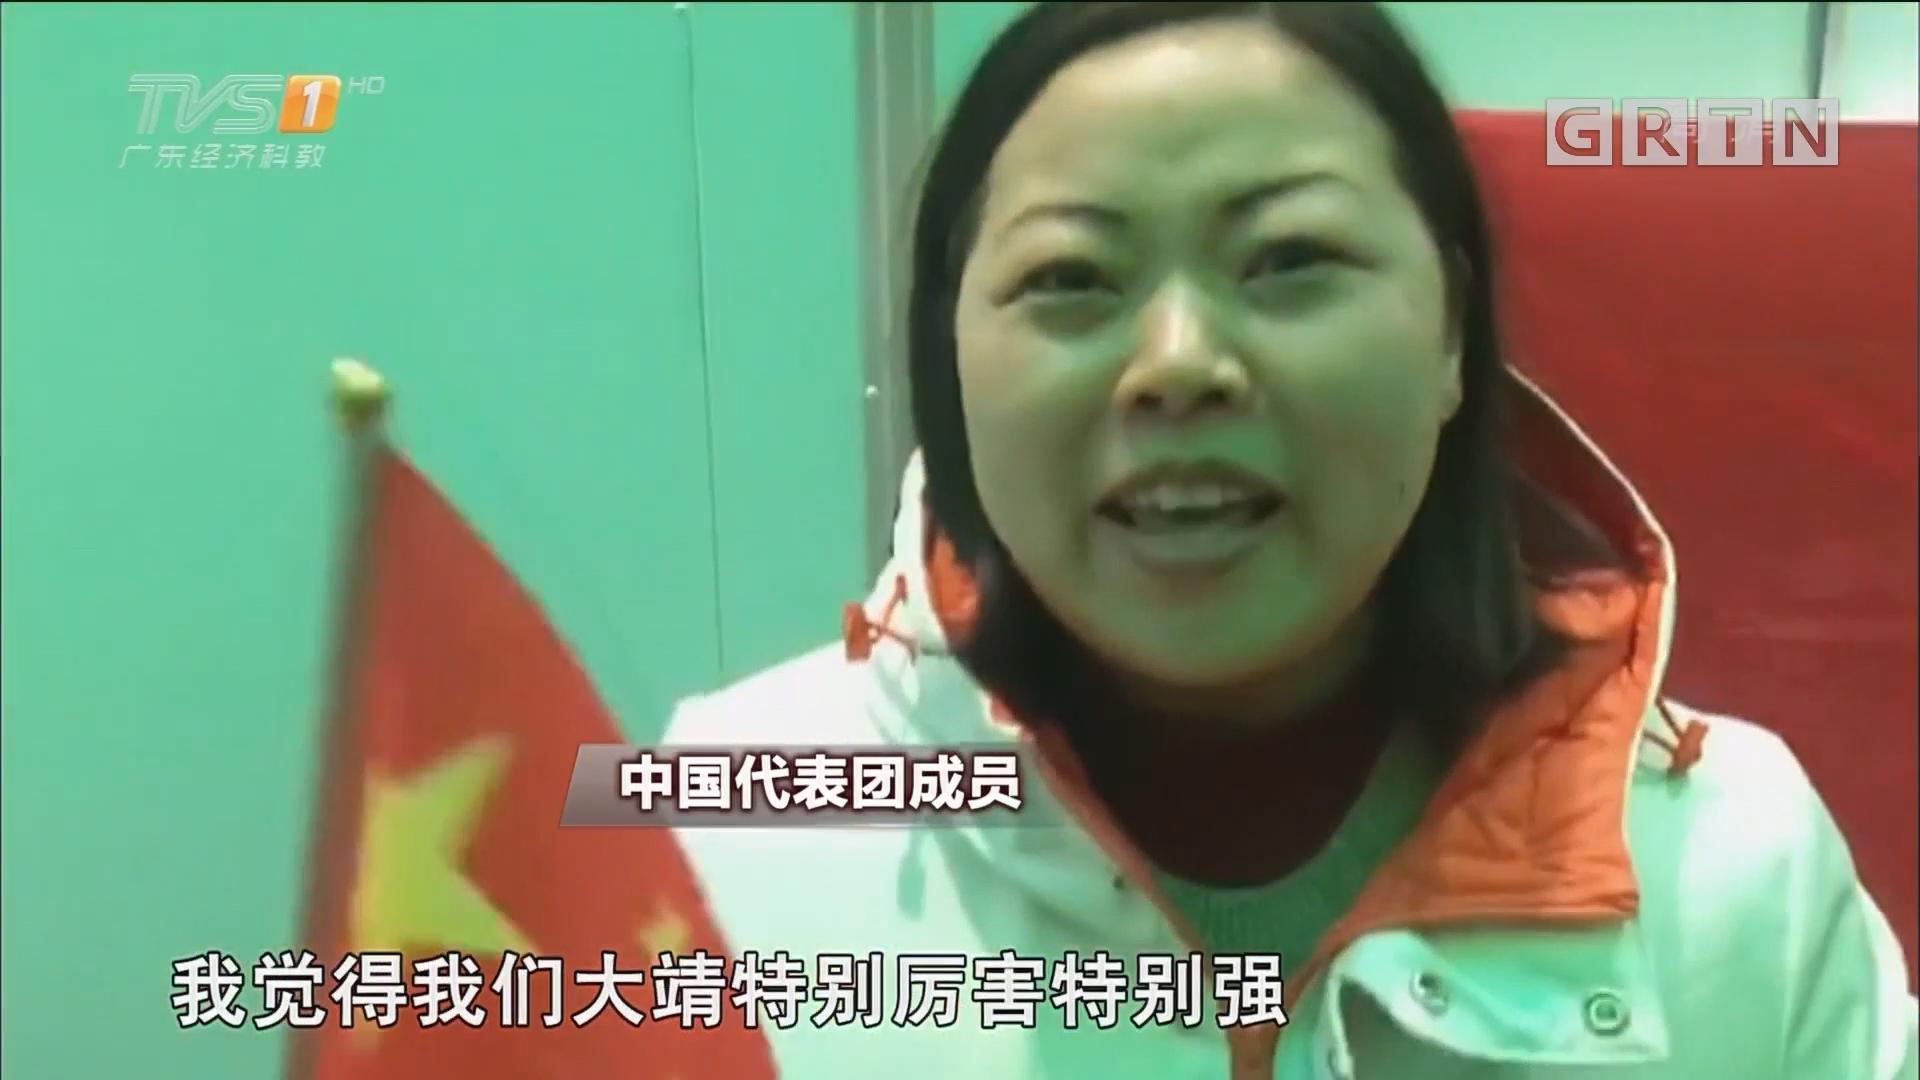 武大靖夺得冬奥会中国首金 短道速滑中国队夺银